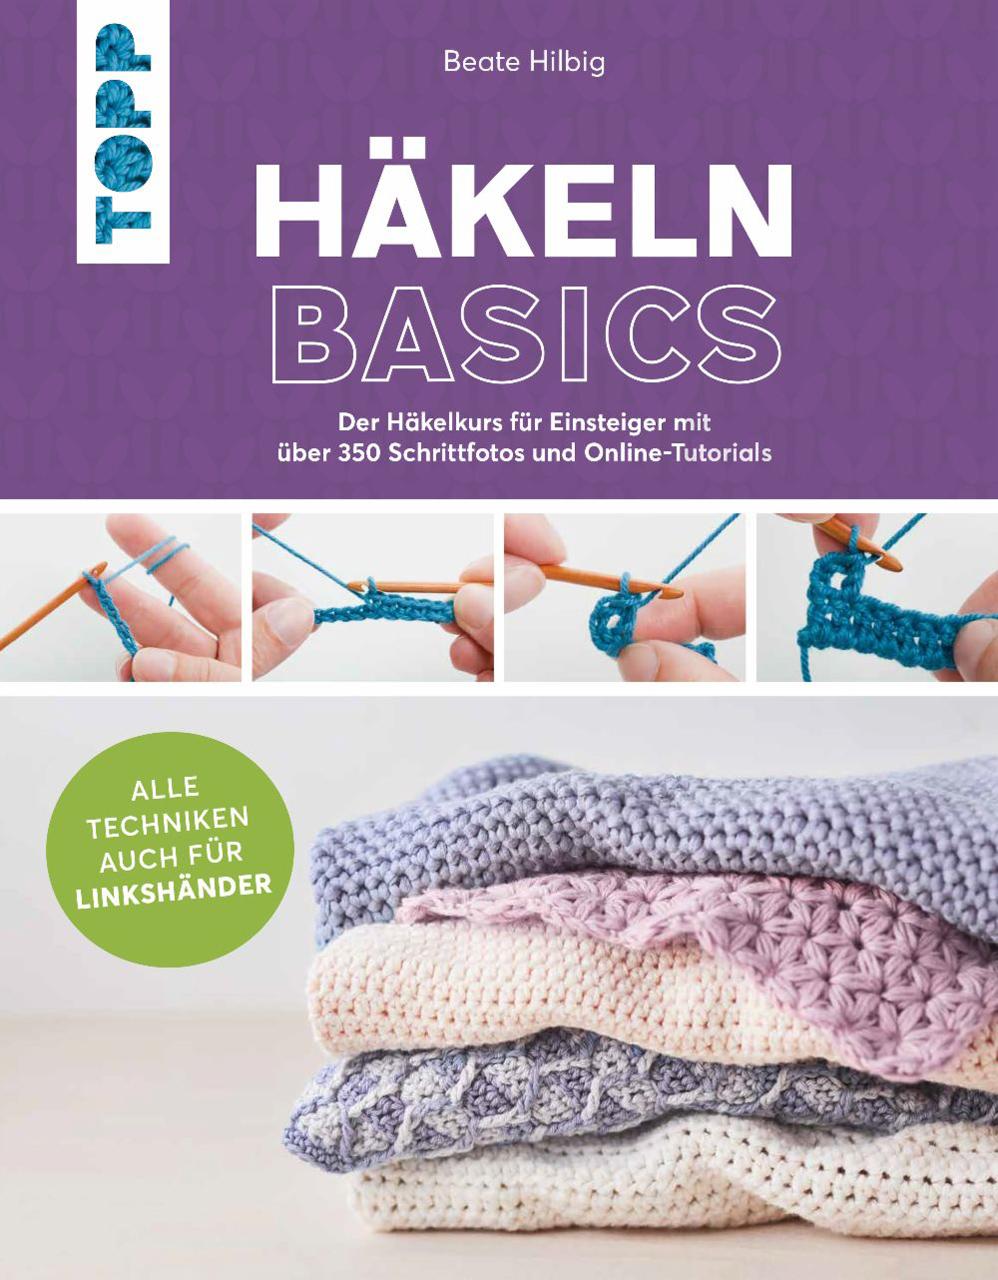 Haekeln-basics-Buch-Alle-Techniken-fuer-Linkshaender-9783772448911-cover-lafueliki